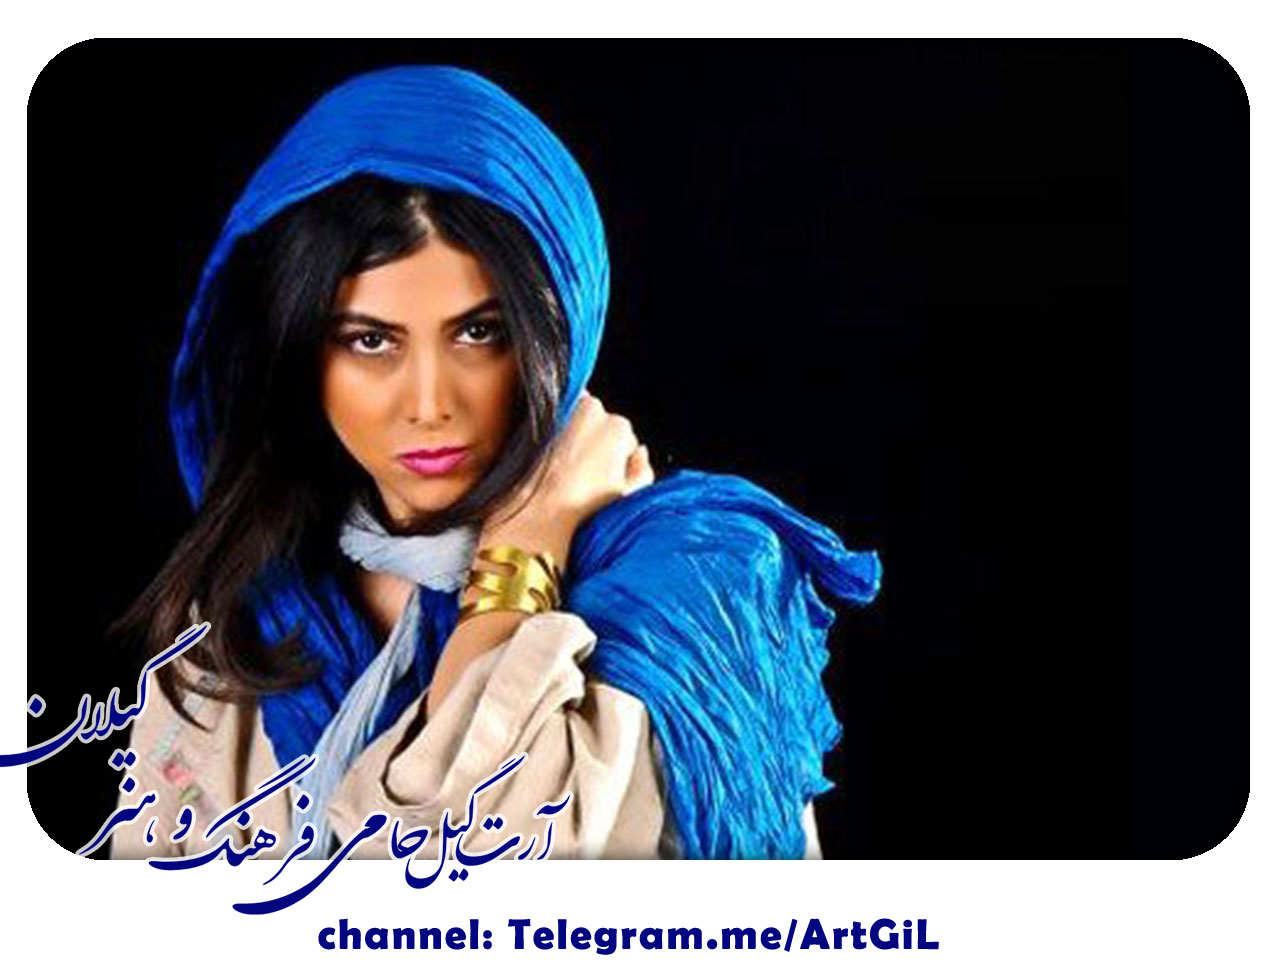 بیوگرافی کامل آزاده صمدی هنرمند گیلانی + عکس